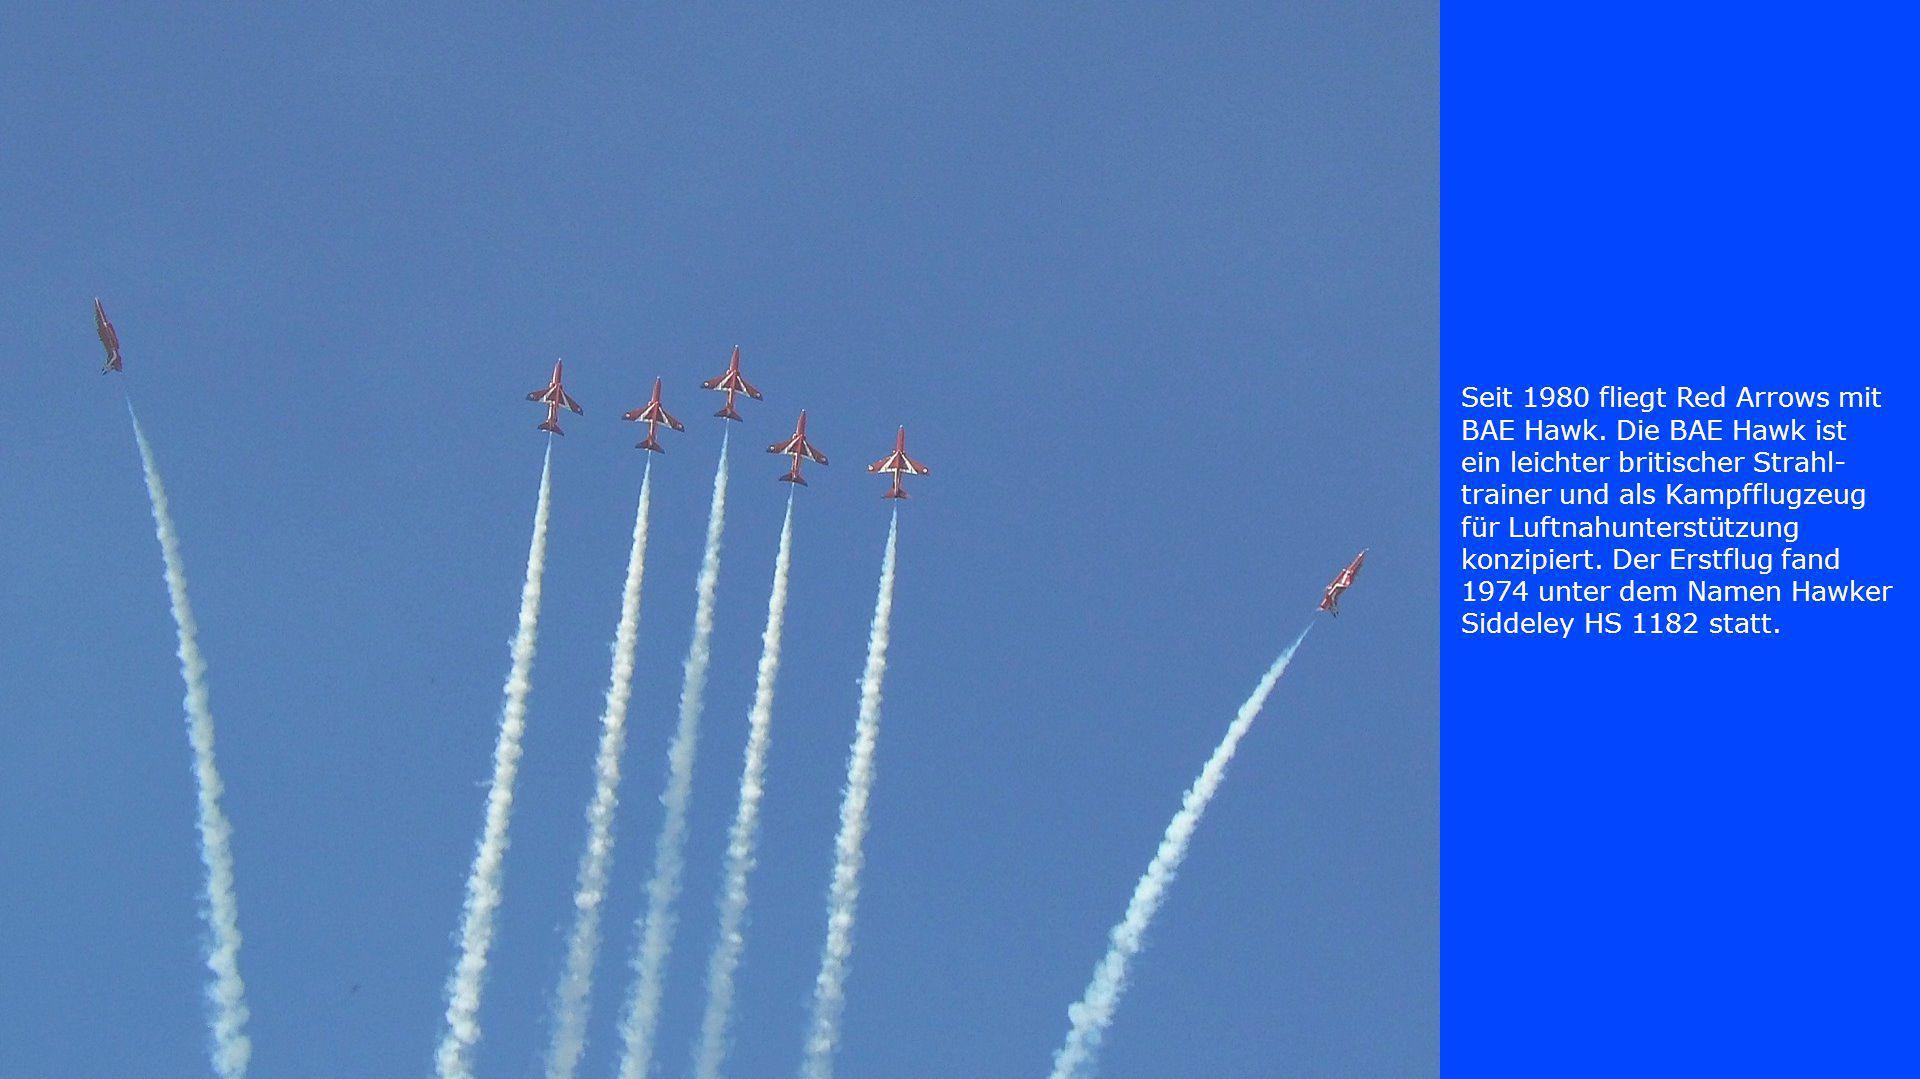 Seit 1980 fliegt Red Arrows mit BAE Hawk. Die BAE Hawk ist ein leichter britischer Strahl- trainer und als Kampfflugzeug für Luftnahunterstützung konz